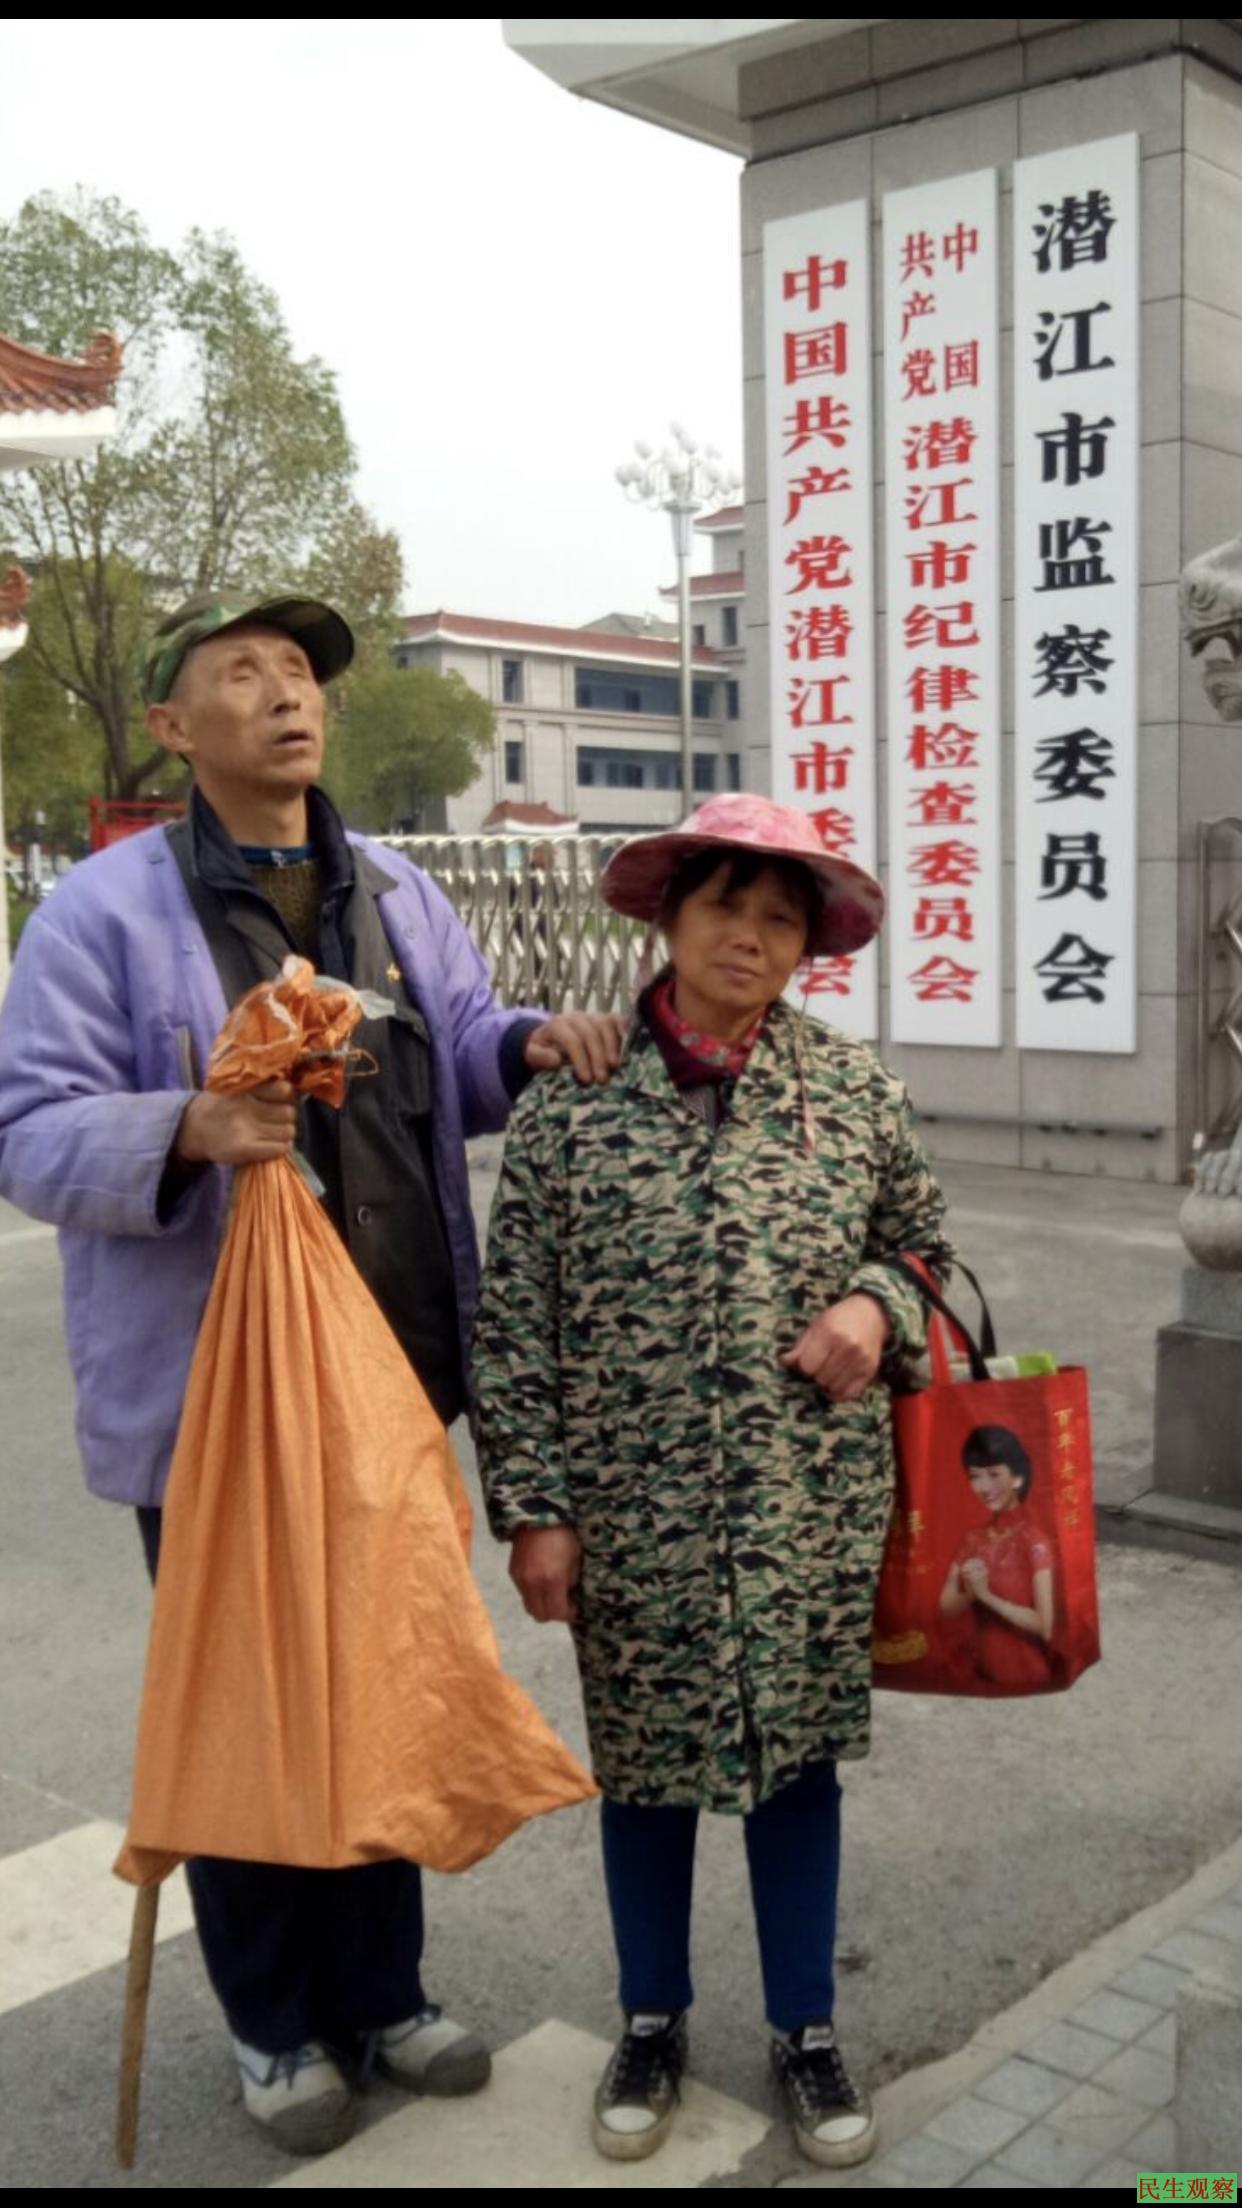 湖北潜江公民诉竹根滩派出所有案不立